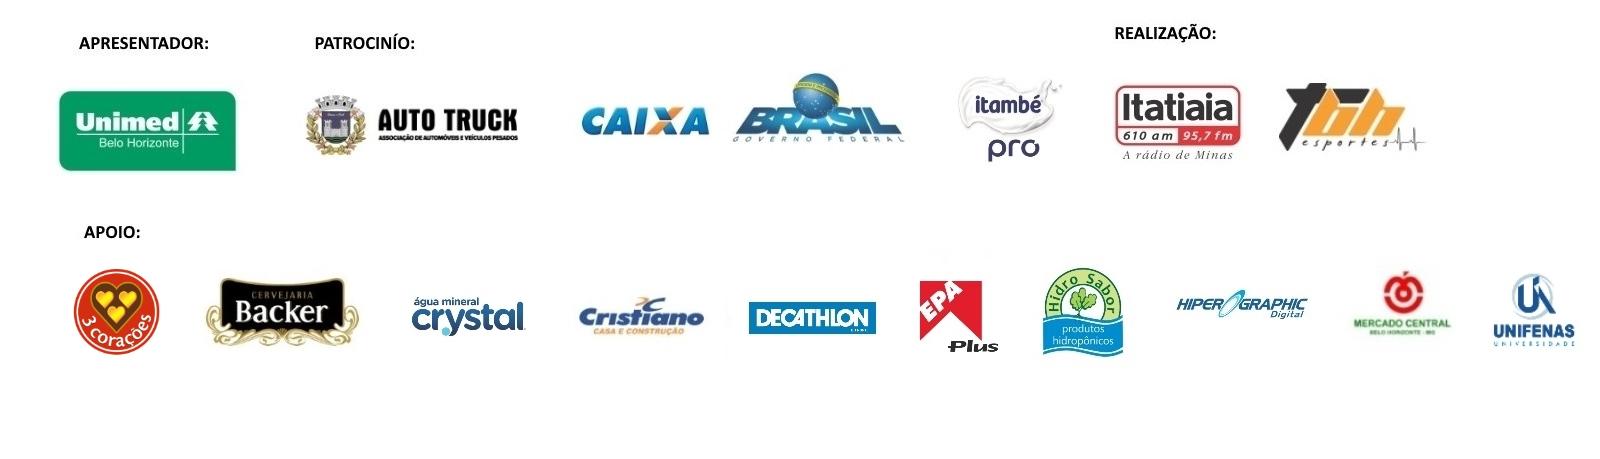 Corrida da Itatiaia - Barra de Logos